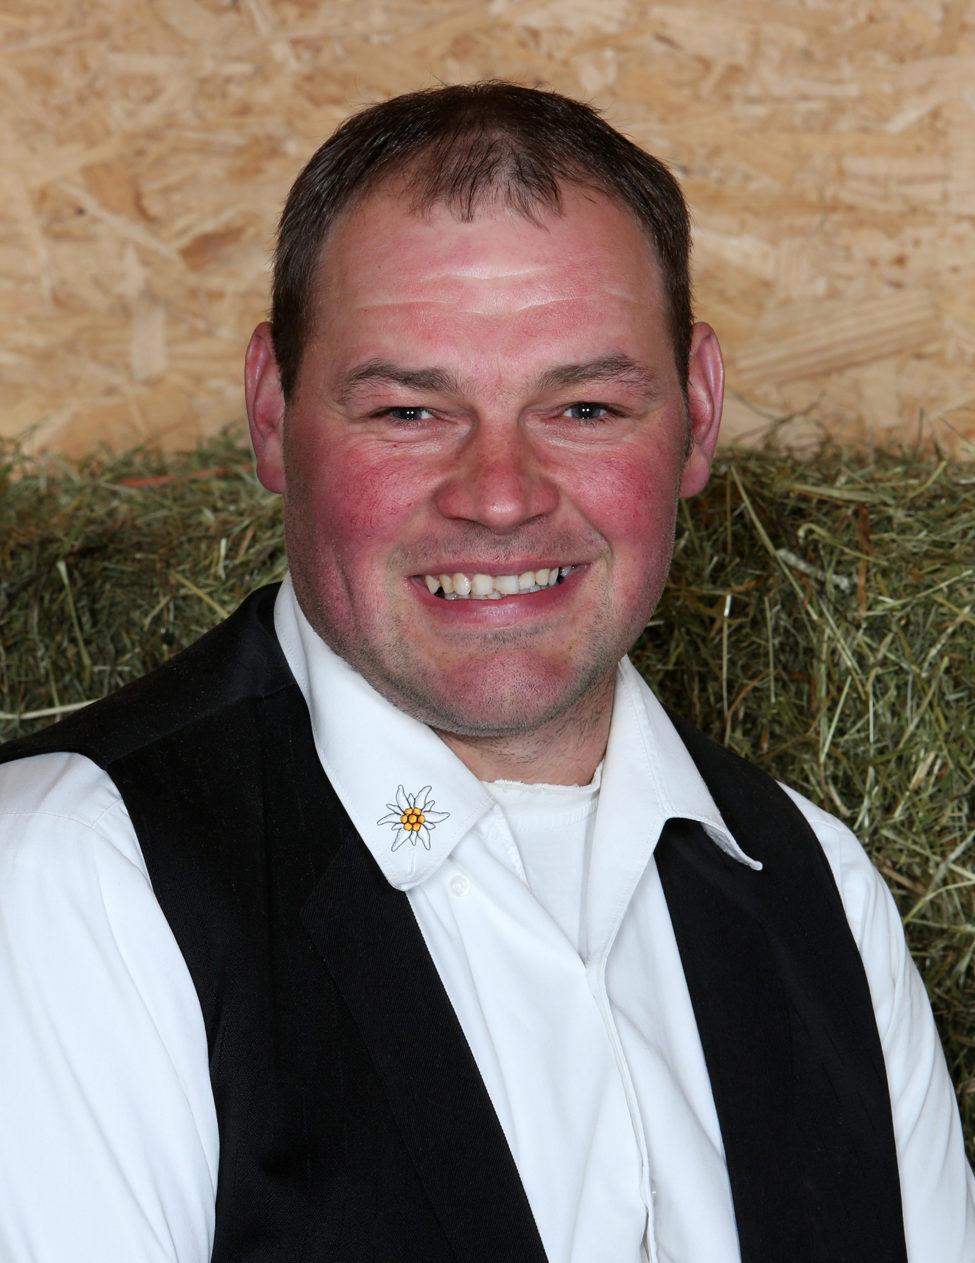 Adrian Emmenegger